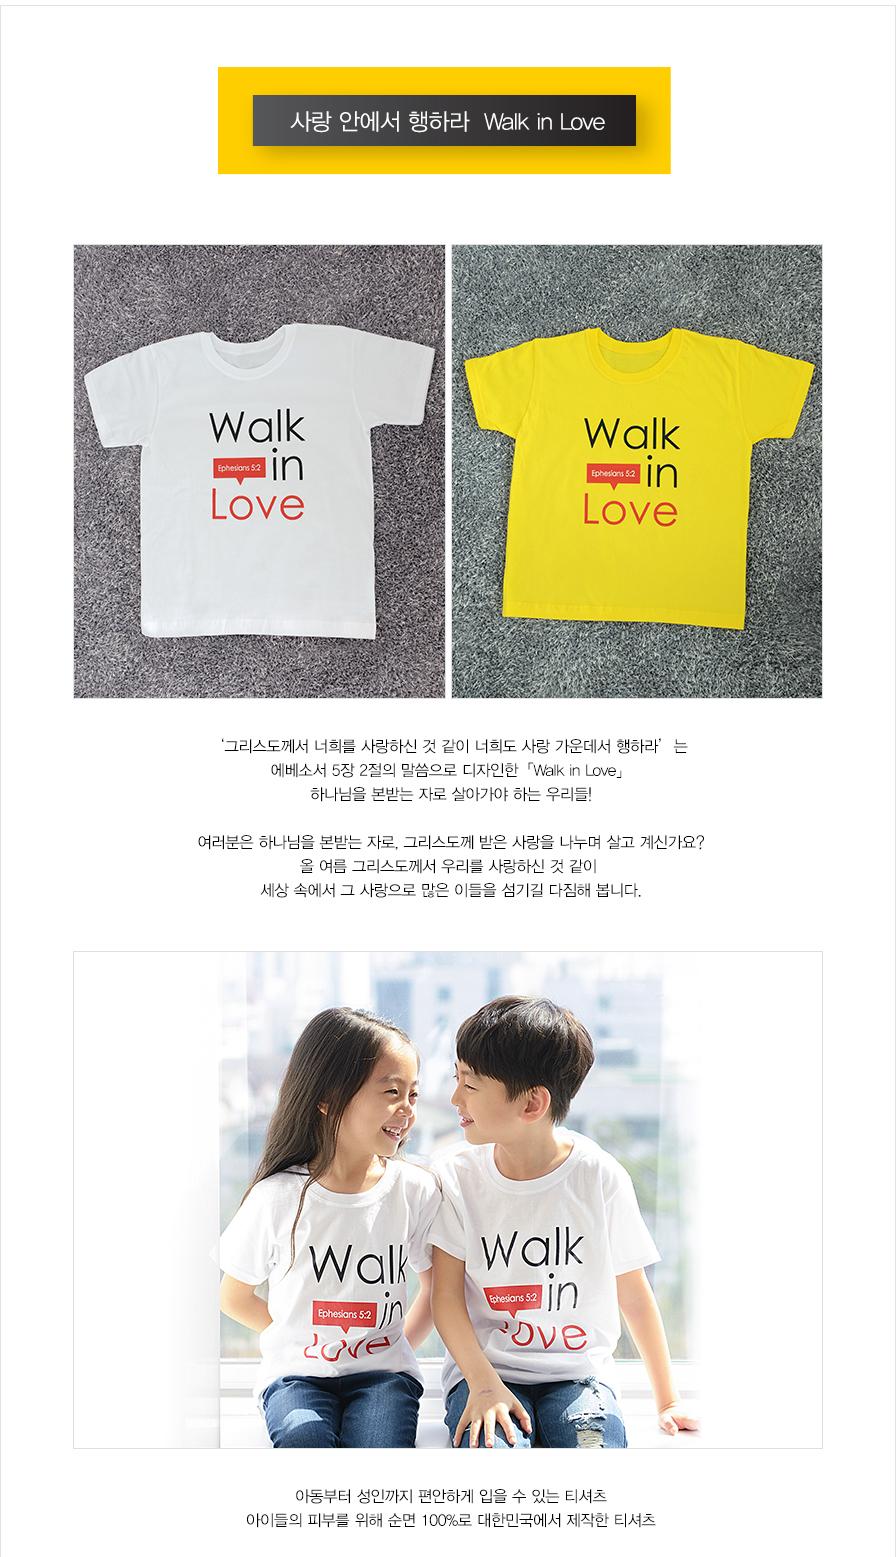 교회티셔츠 walk in love 의미